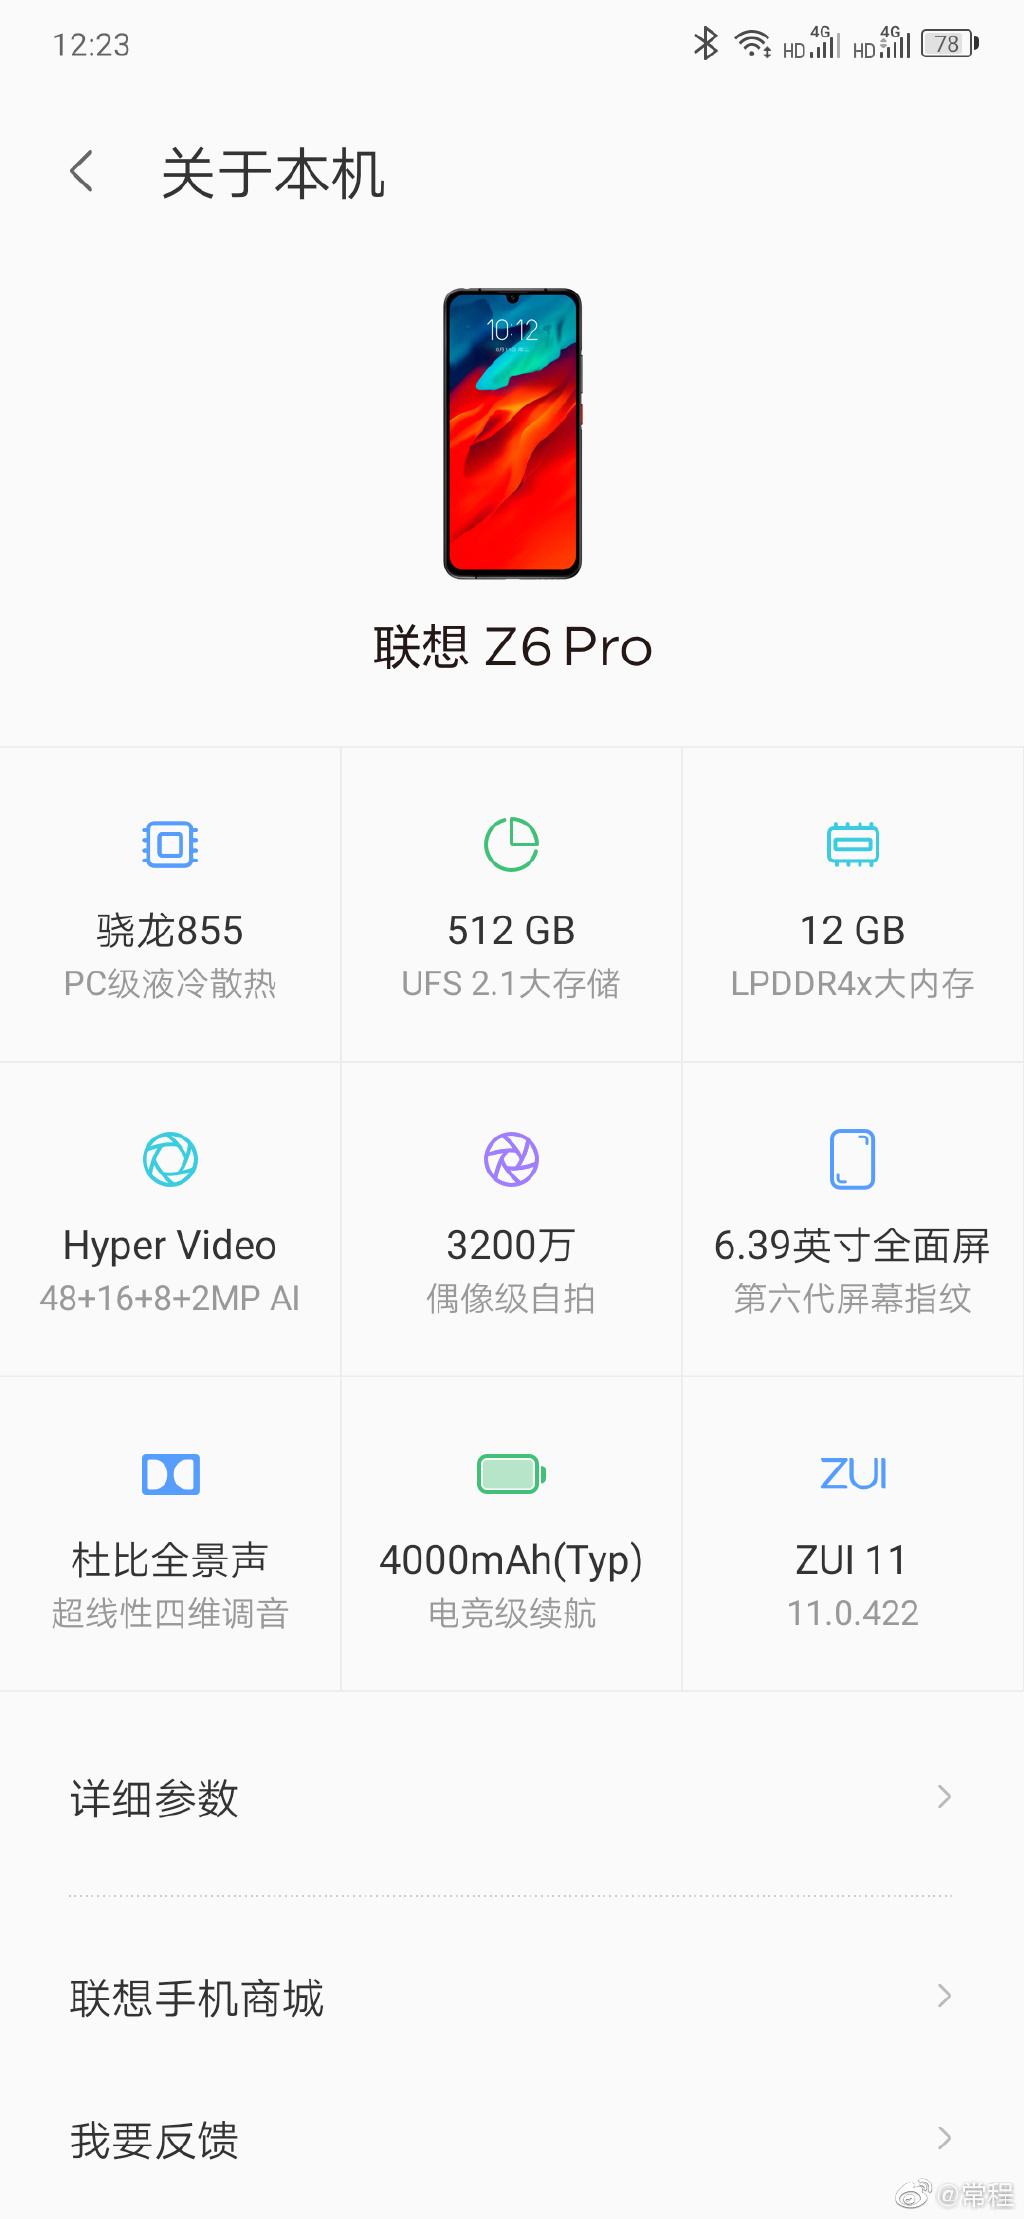 12GB内存!联想Z6 Pro配置官宣,前后镜头像素相加过亿